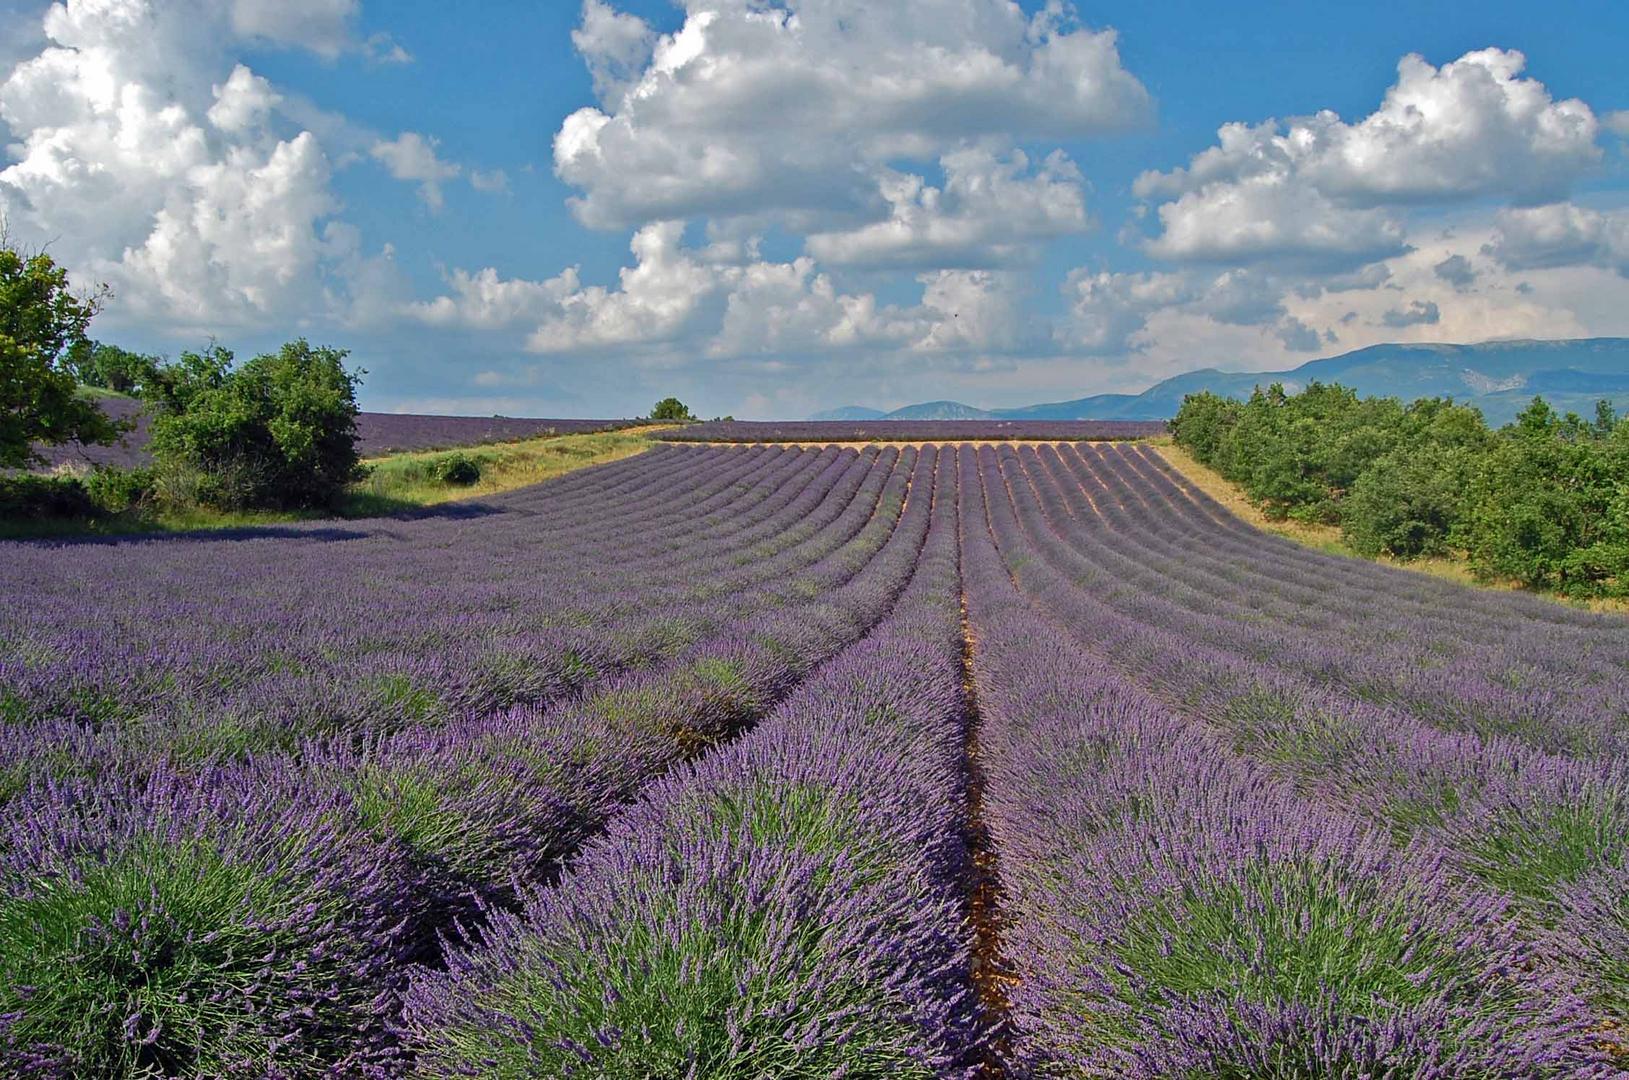 Lavendelfeld bei Riez/Département Alpes-de-Haute-Provence in Südfrankreich